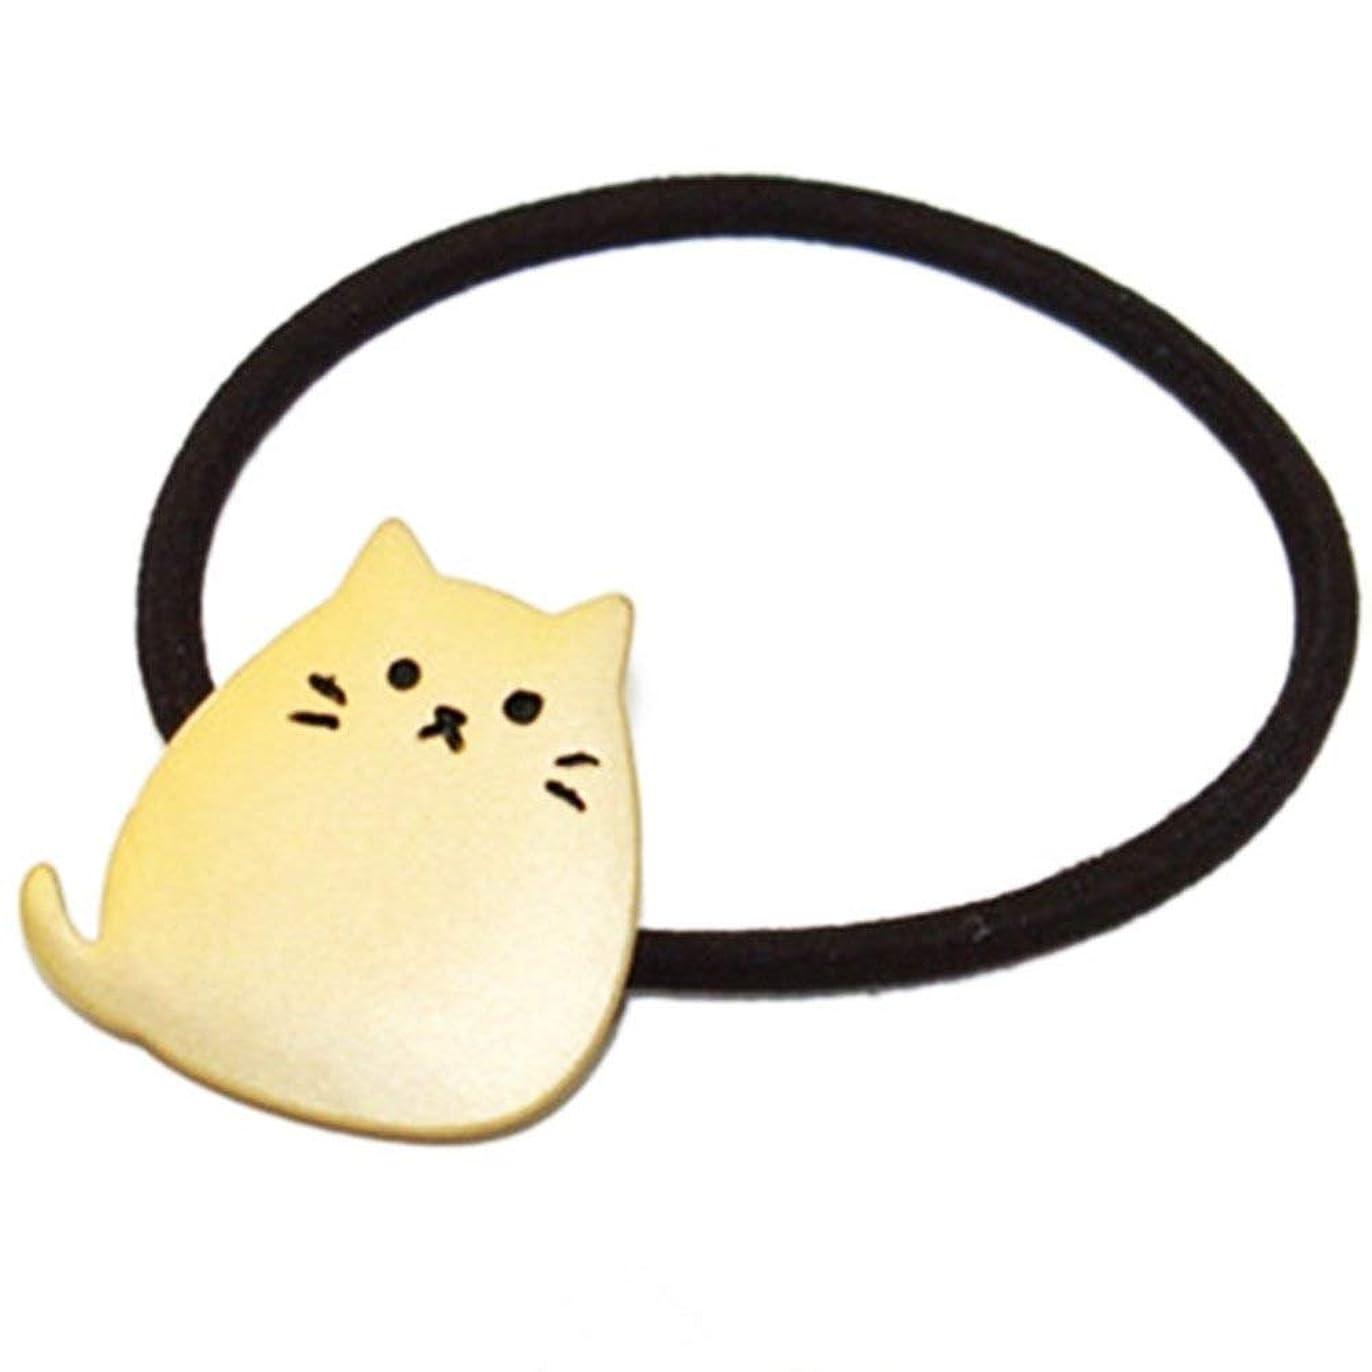 入場料ベリ恩恵Onior ヘアロープ 弾性 リボン 髪飾り ヘアネクタイ 猫形 金属 メッキ 1ピース ゴールデン